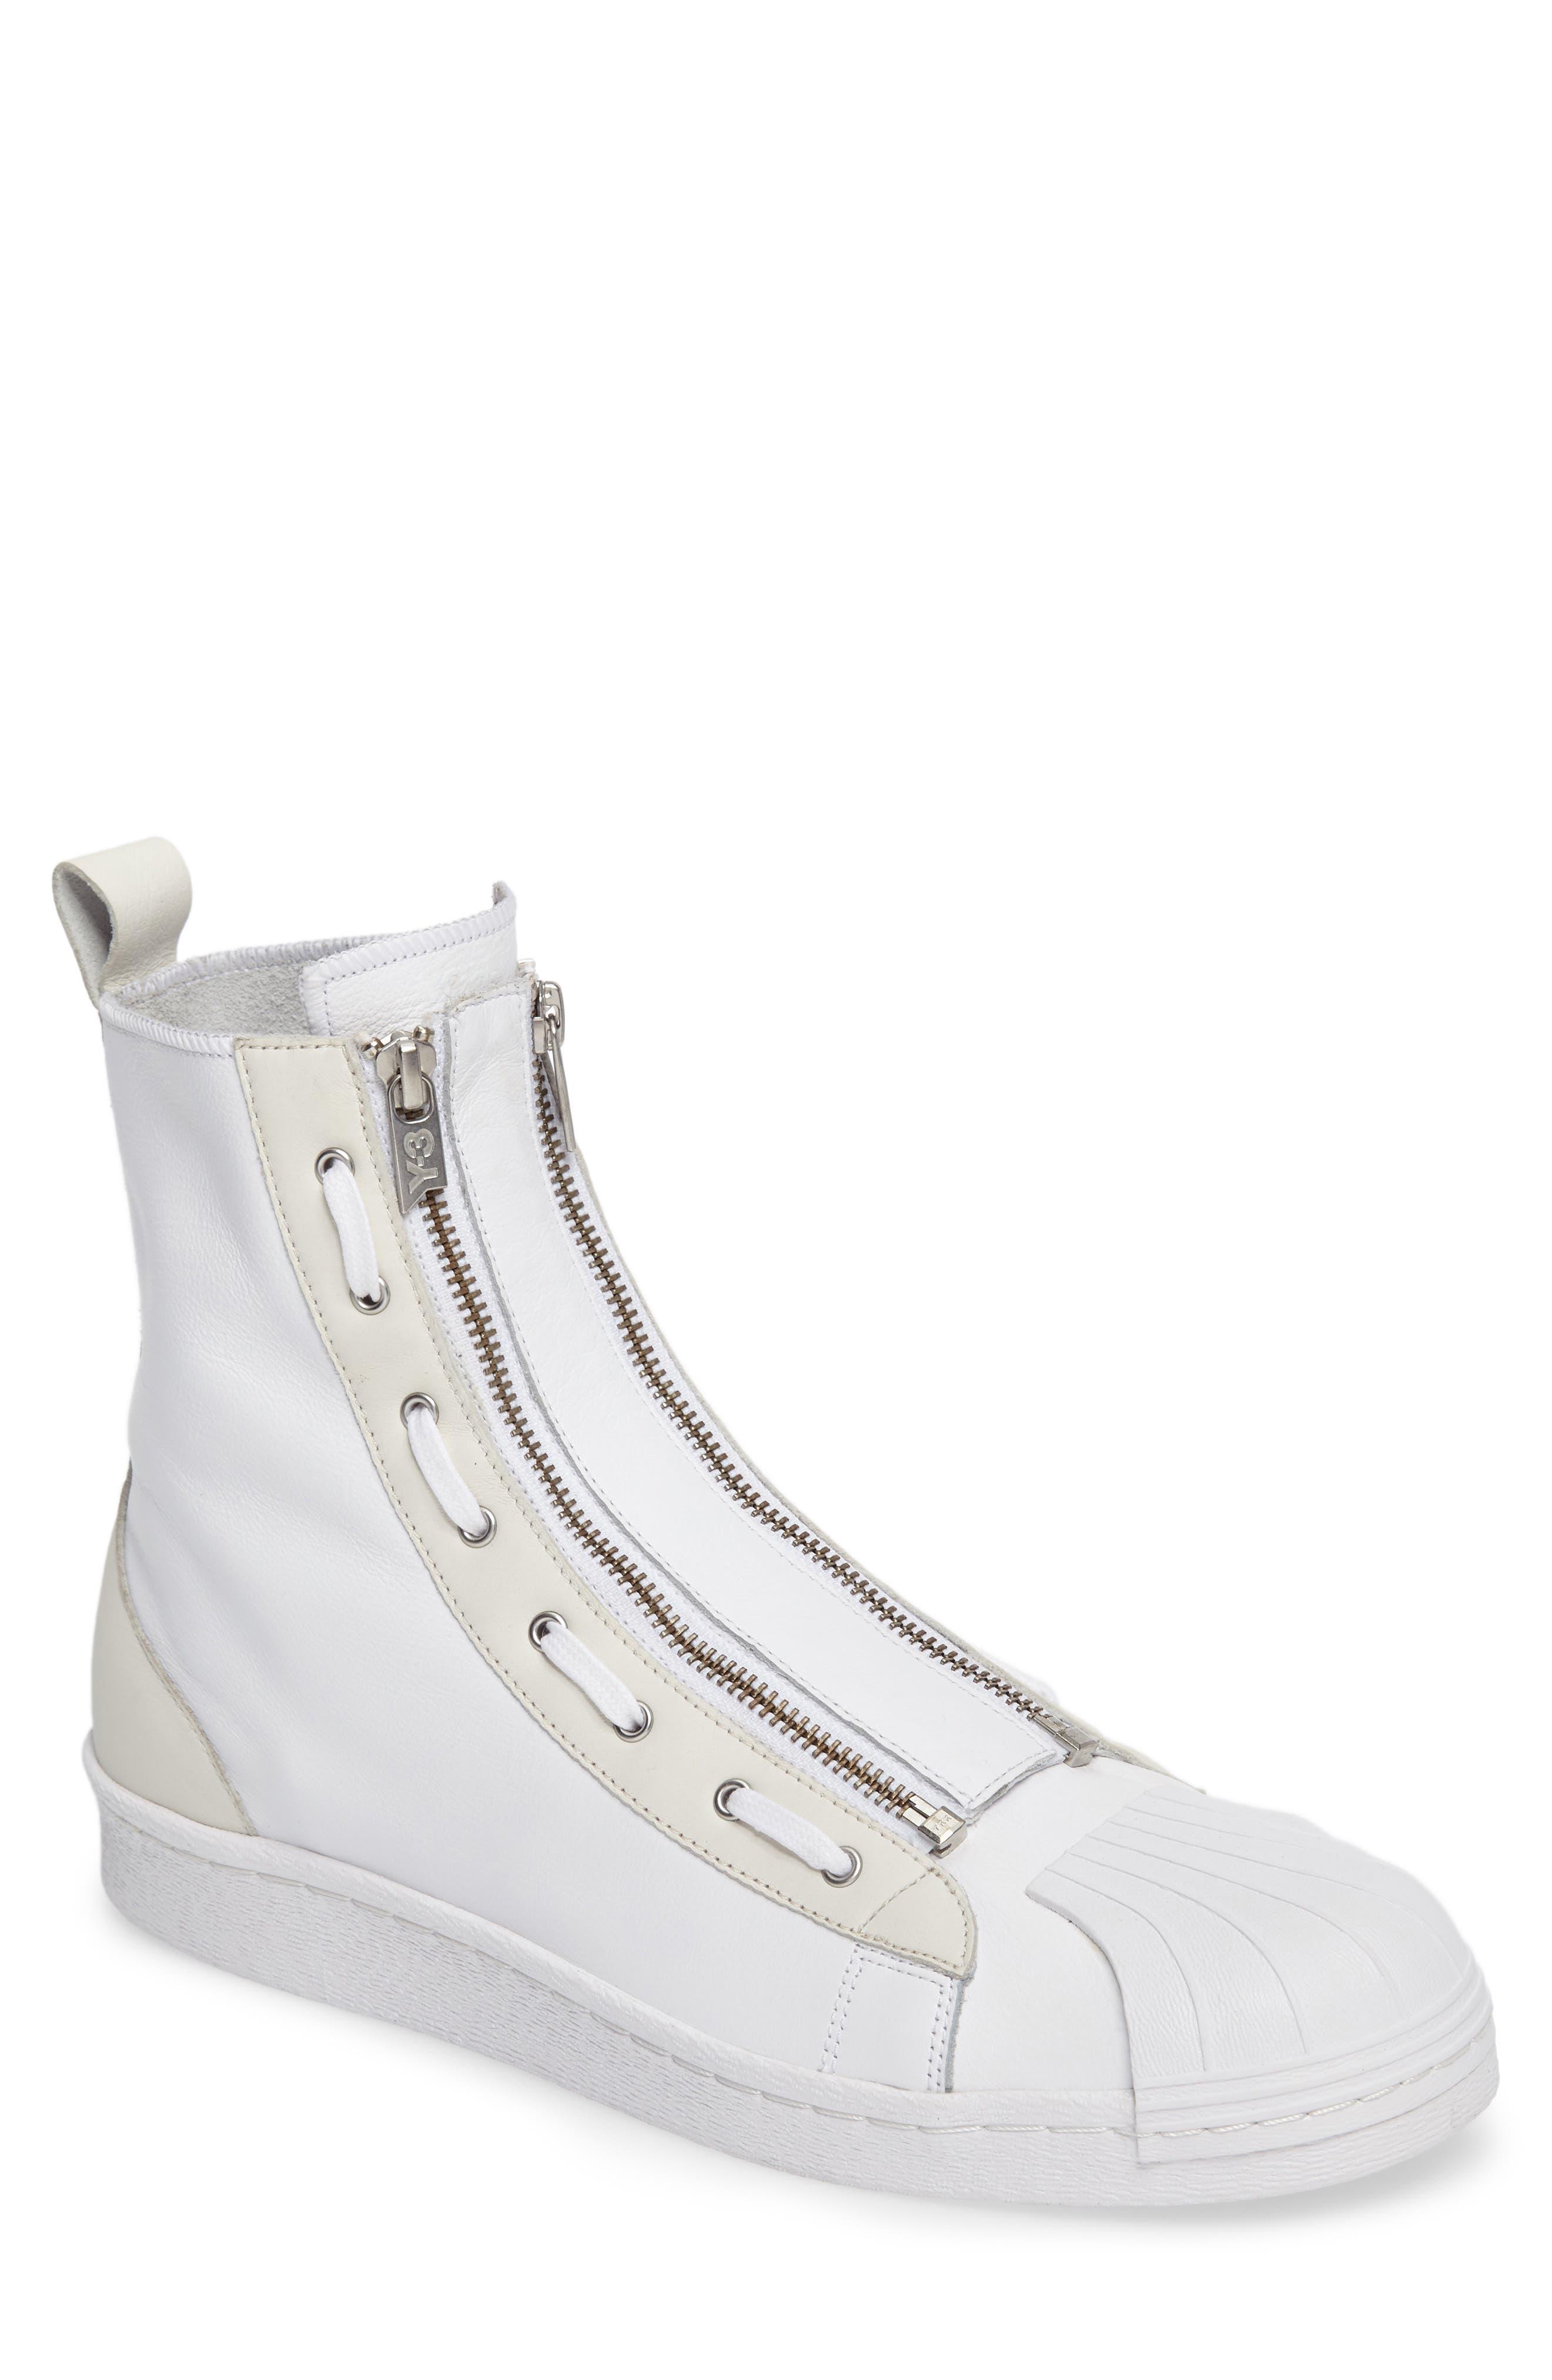 Y-3 'Pro' High Top Sneaker (Men)